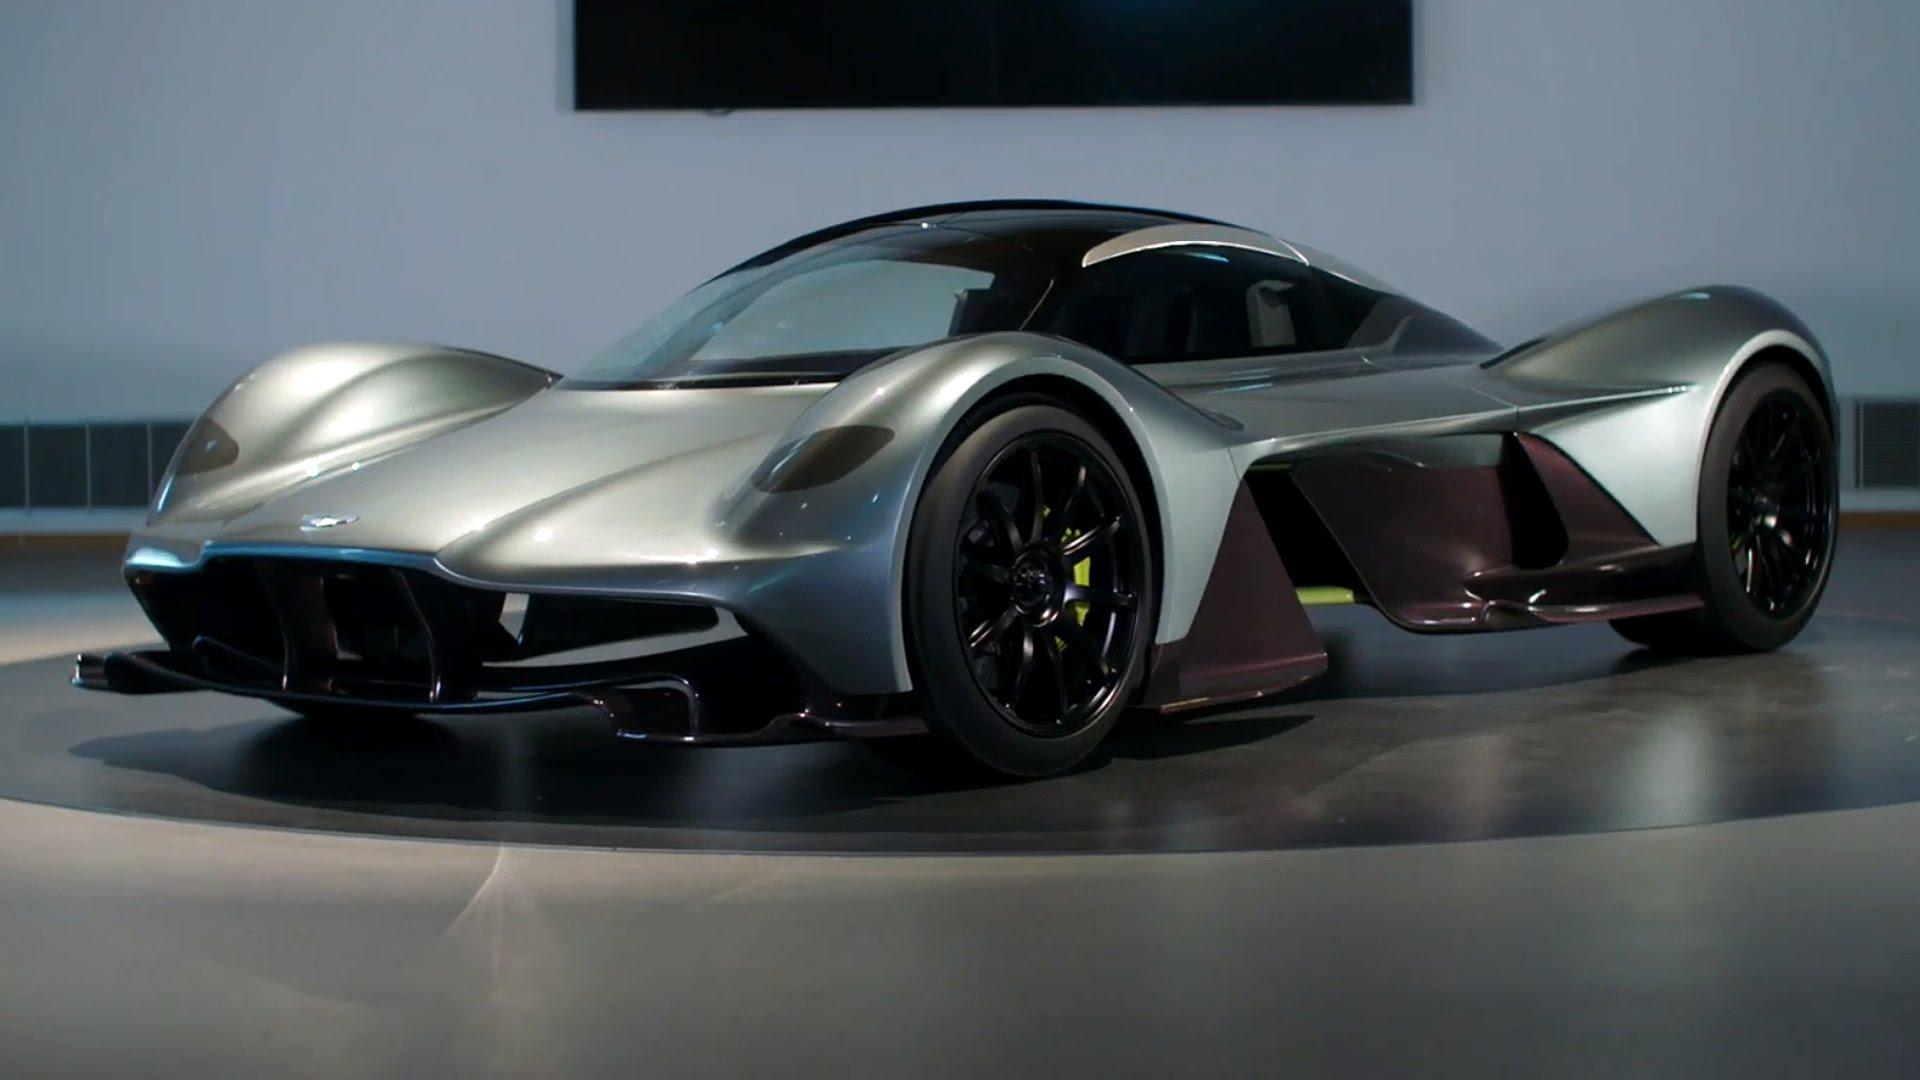 La unión entre Aston Martín y Red Bull ha engendrado un hiperdeportivo de diseño exclusivo y futurista capaz de volar en los circuitos y recorrer las carreteras.